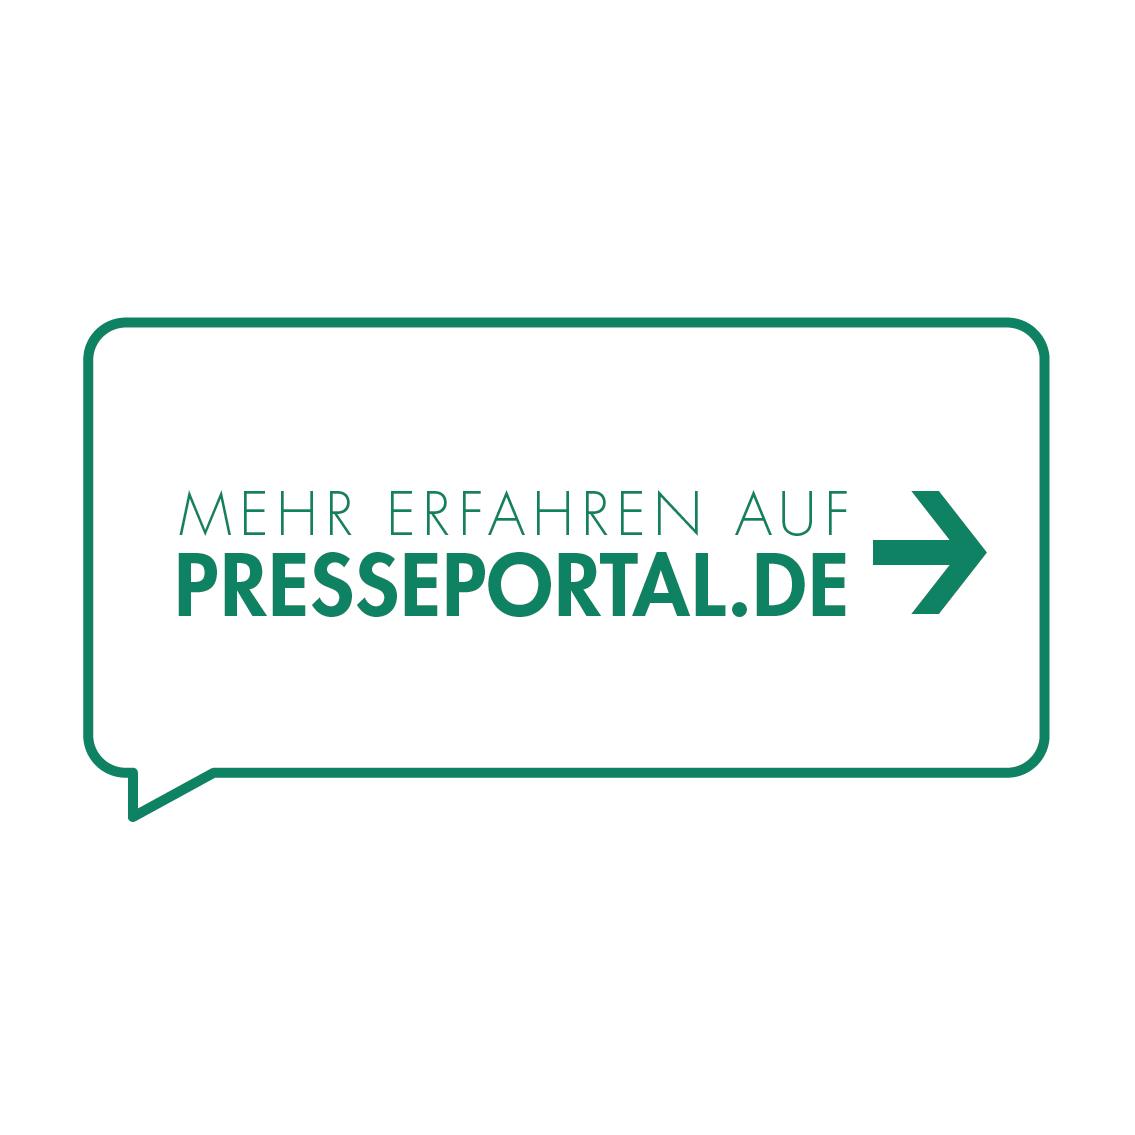 Presseportal.de - Finanzen